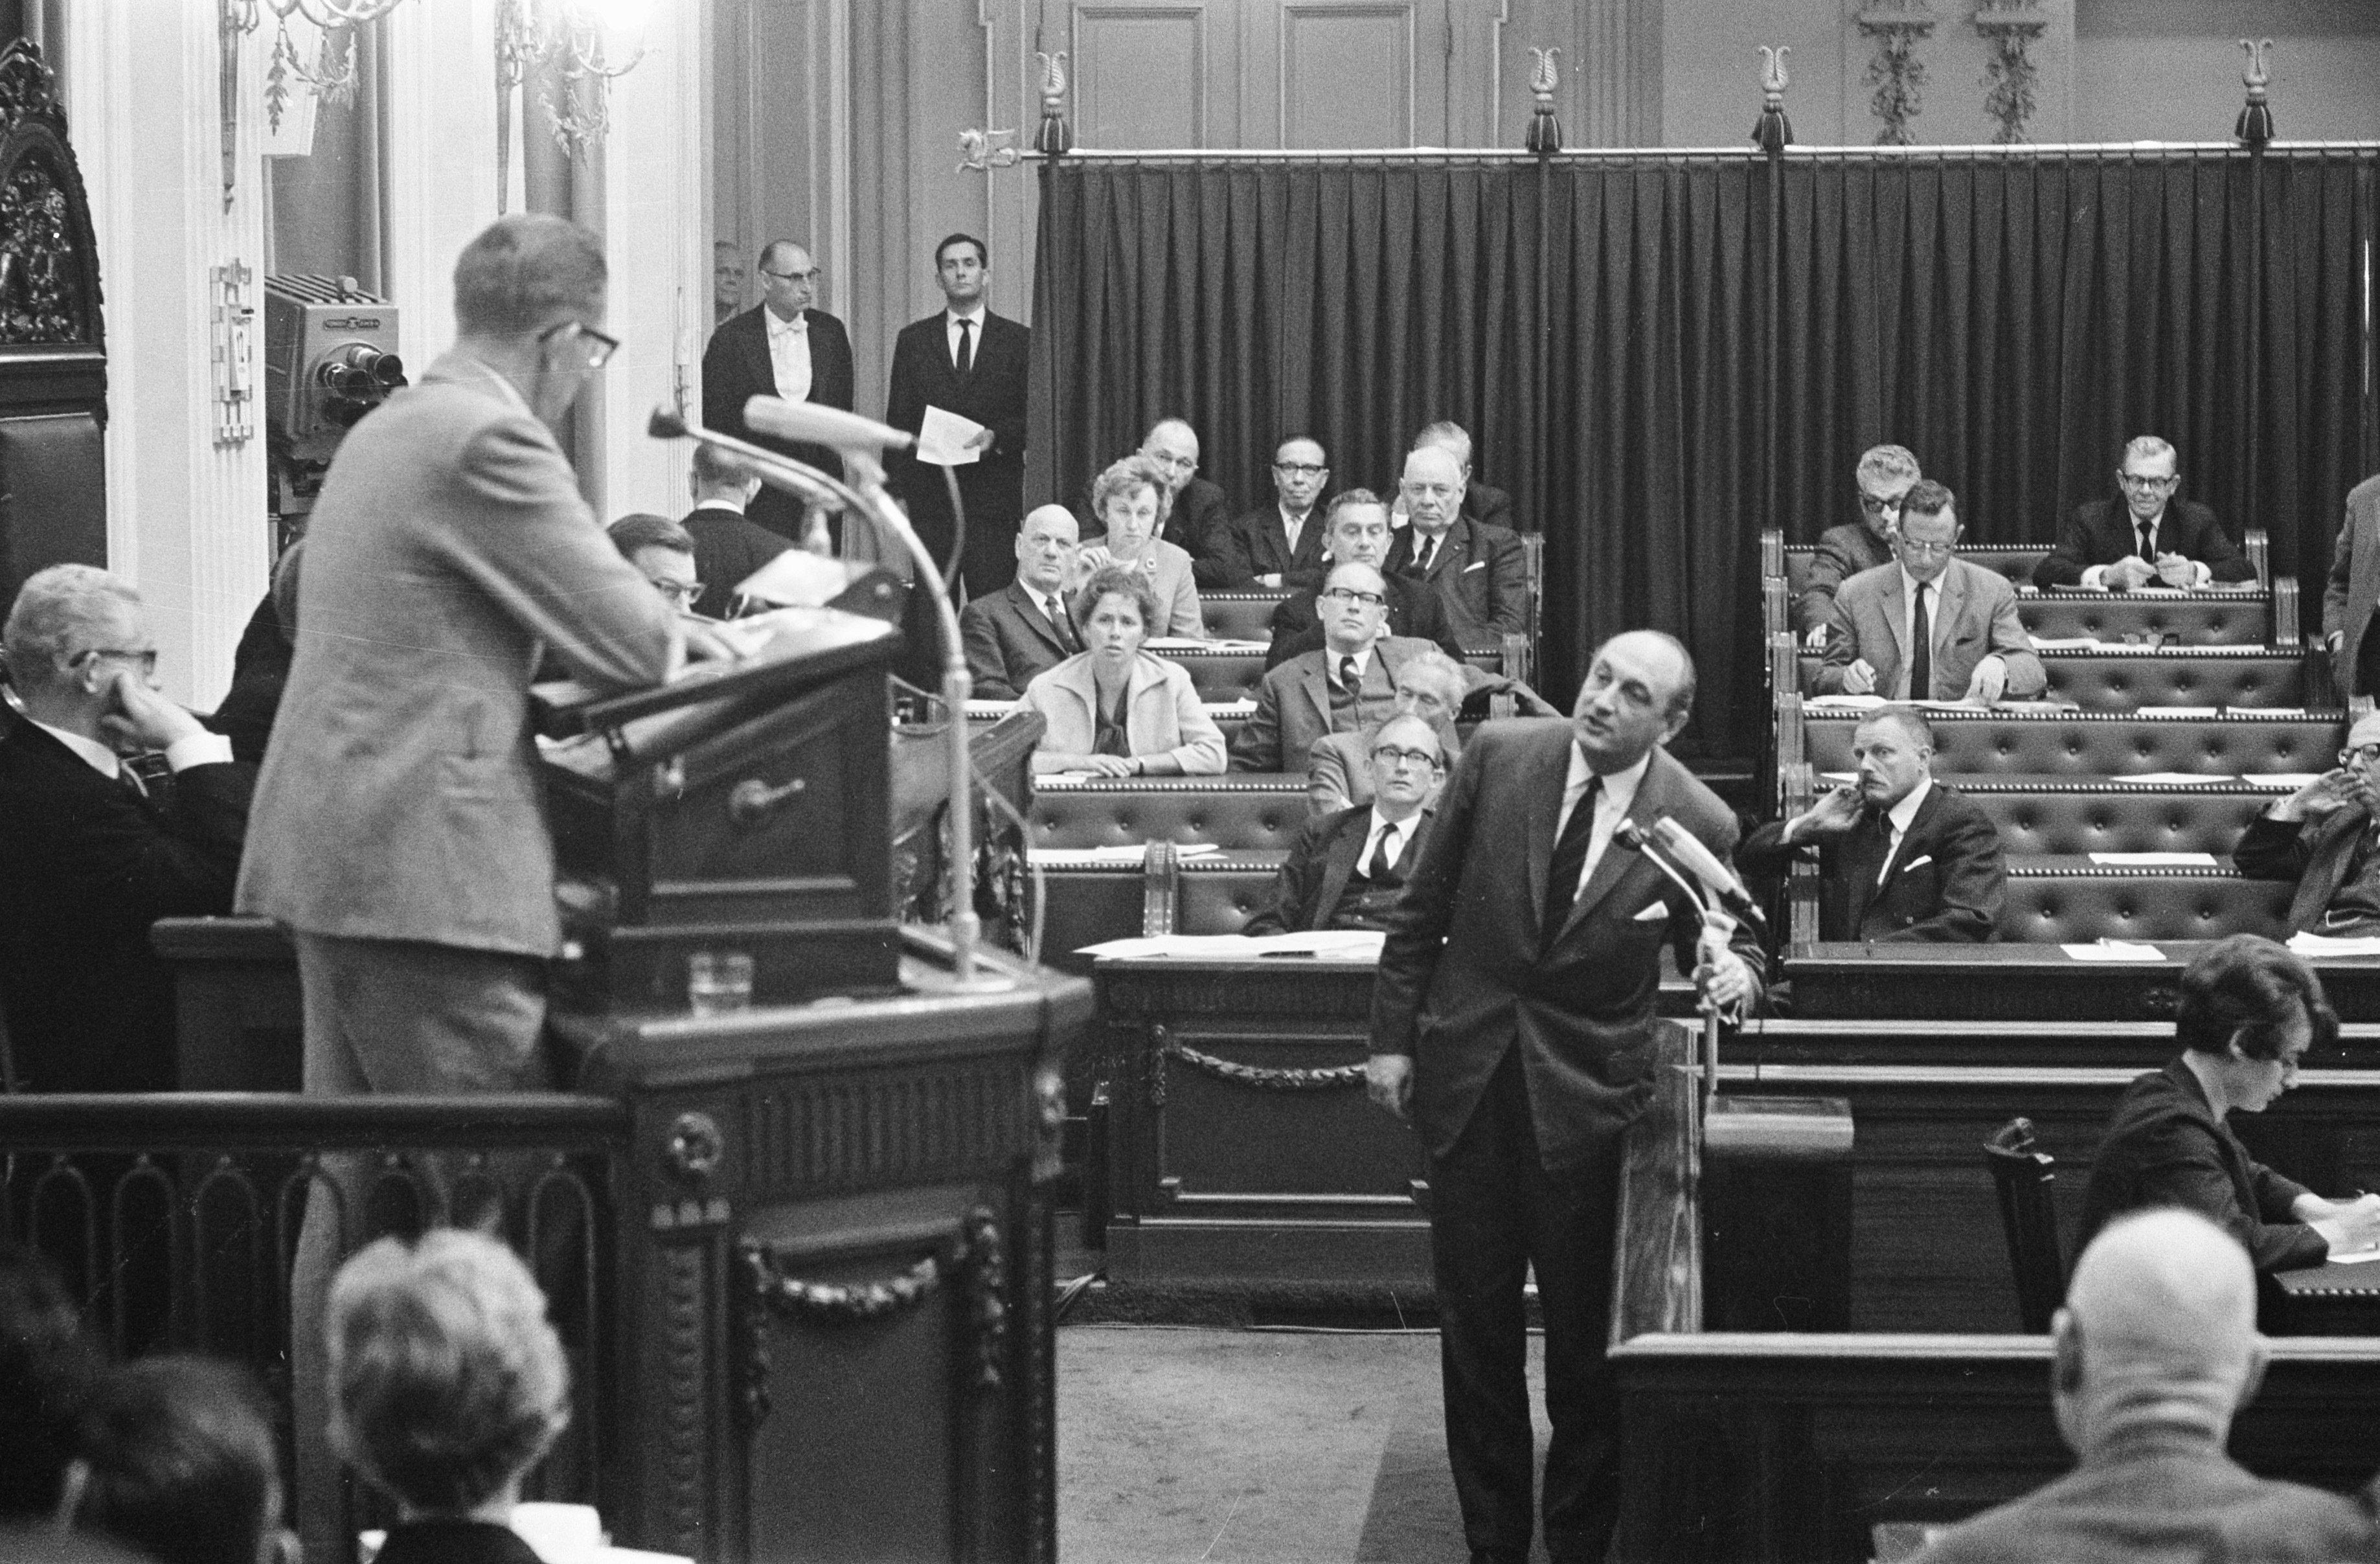 Bestand:Lid van de Tweede Kamer voor de VVD dhr. Edzo Toxopeus  interrumpeert de fractiev, Bestanddeelnr 919-6733.jpg - Wikipedia